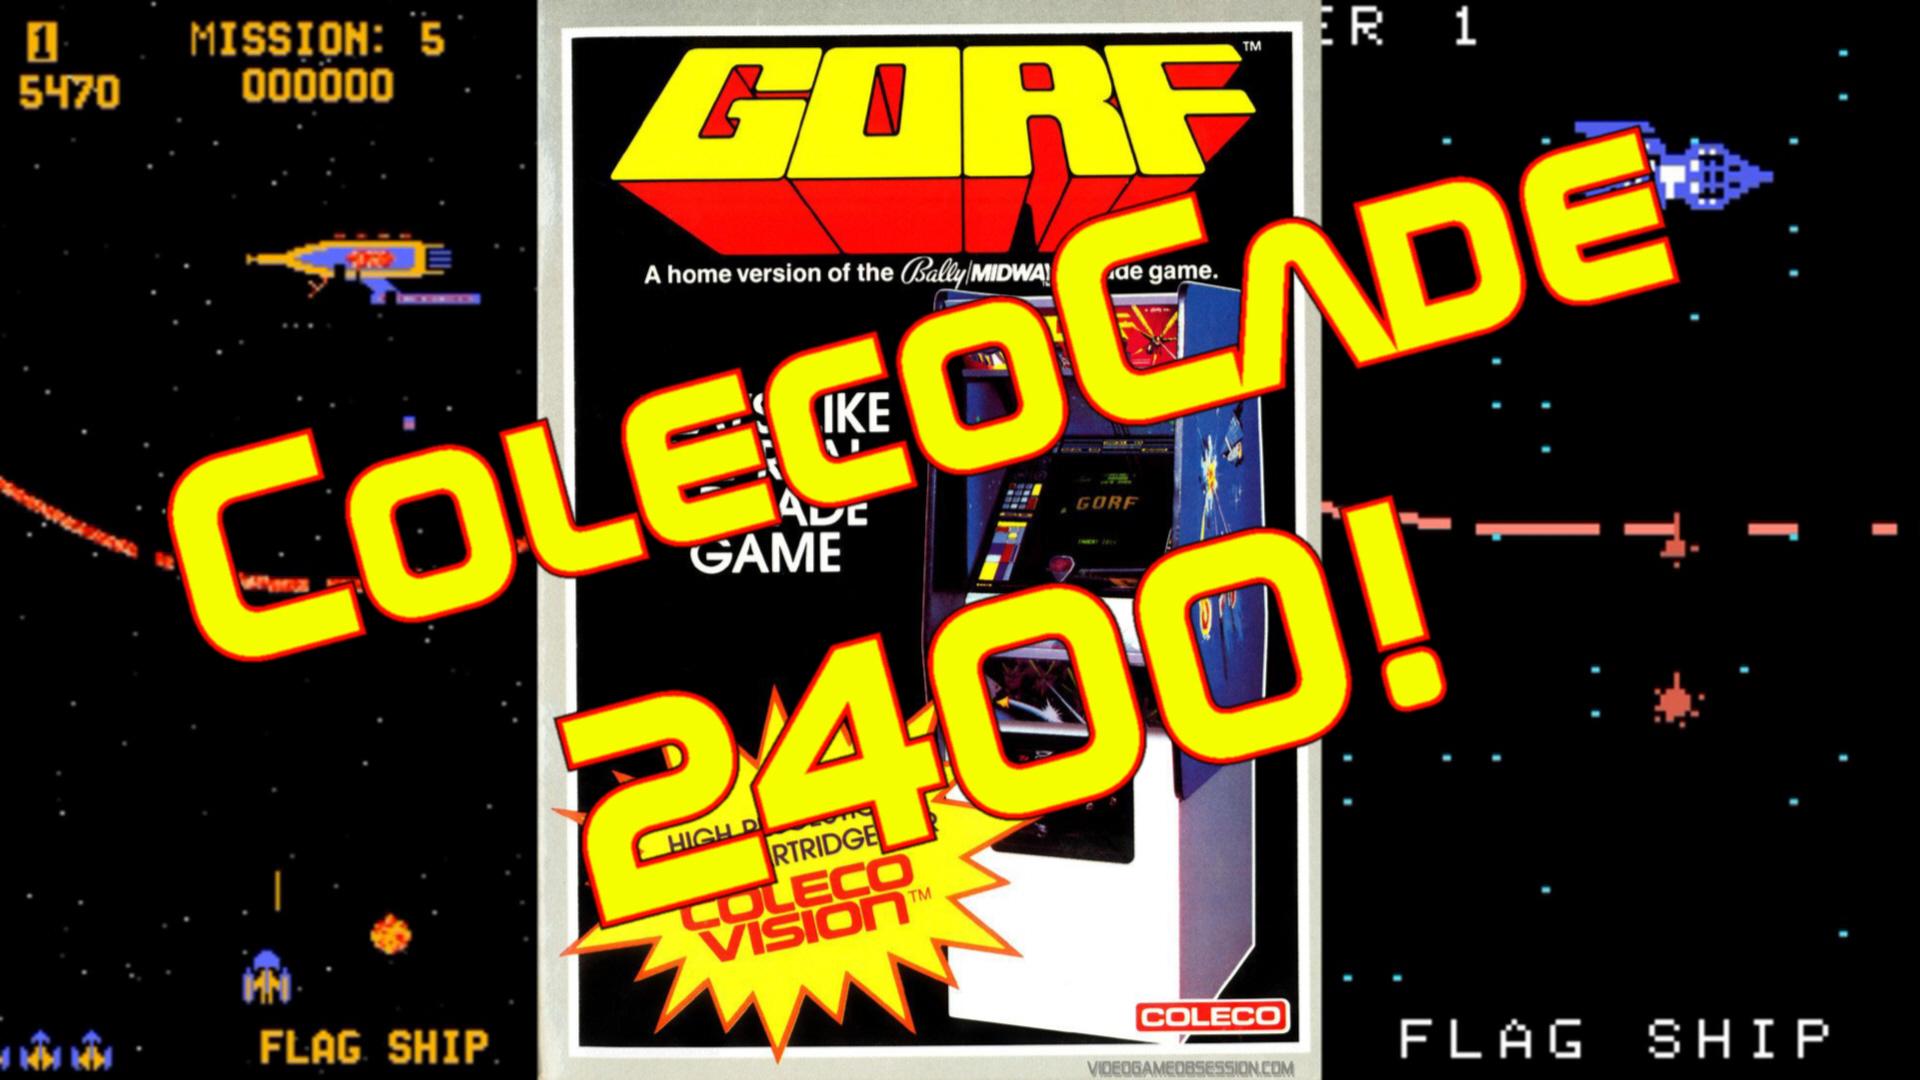 ColecoCade 2400! Gorf! show art